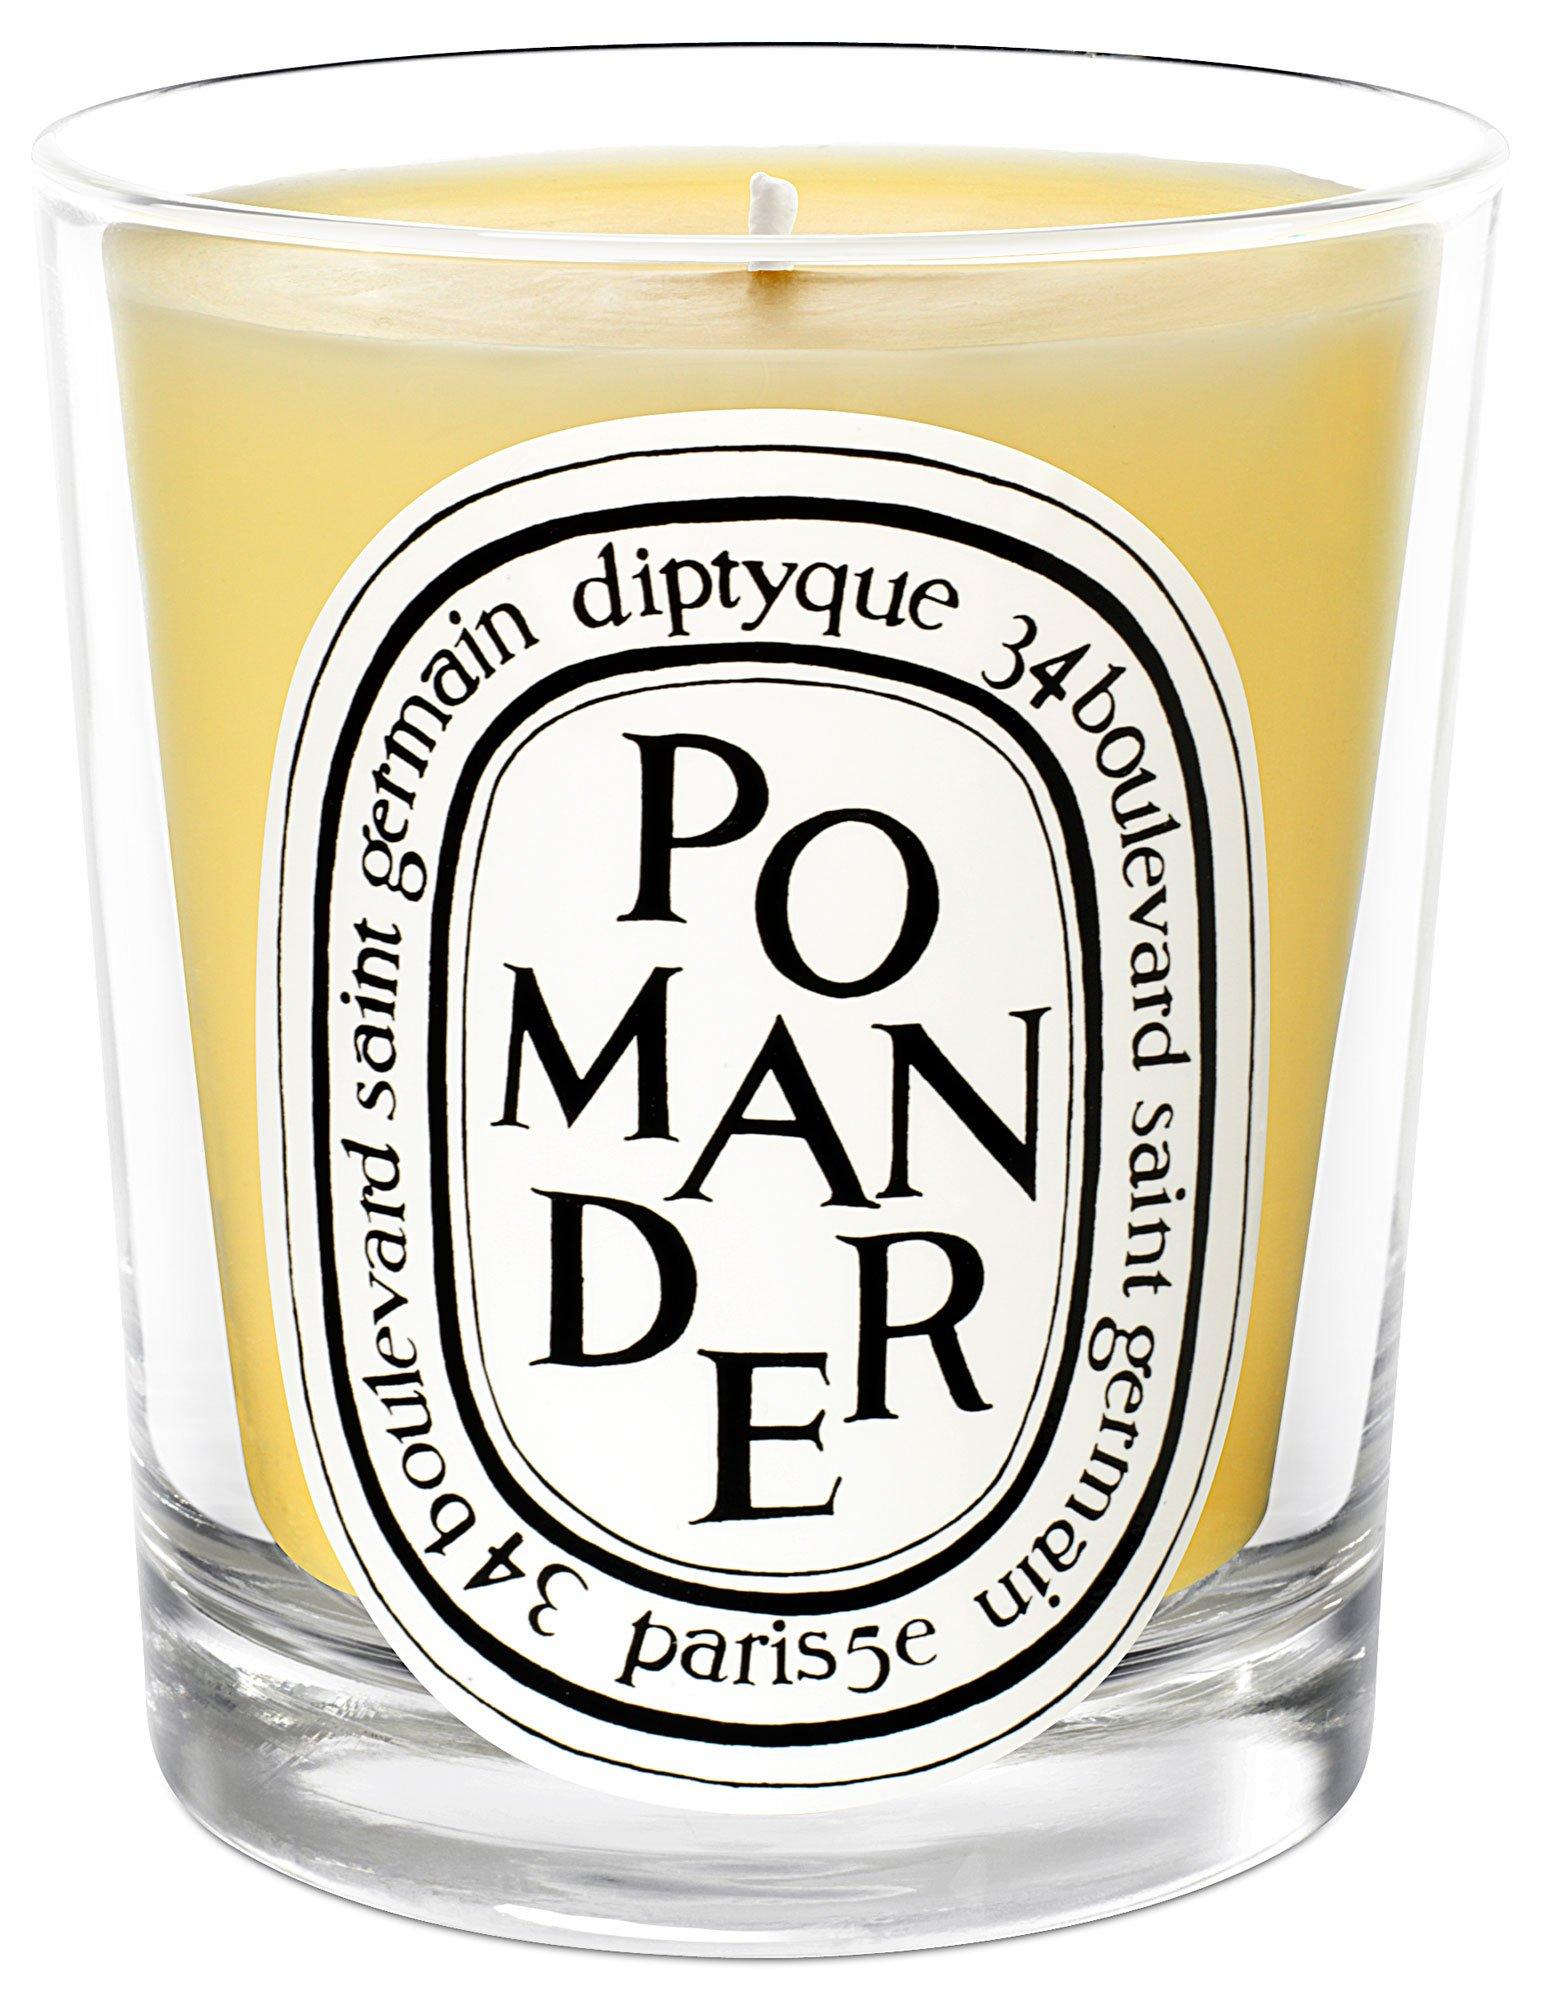 Diptyque - Candle - Pomander (Cinnamon & Orange)